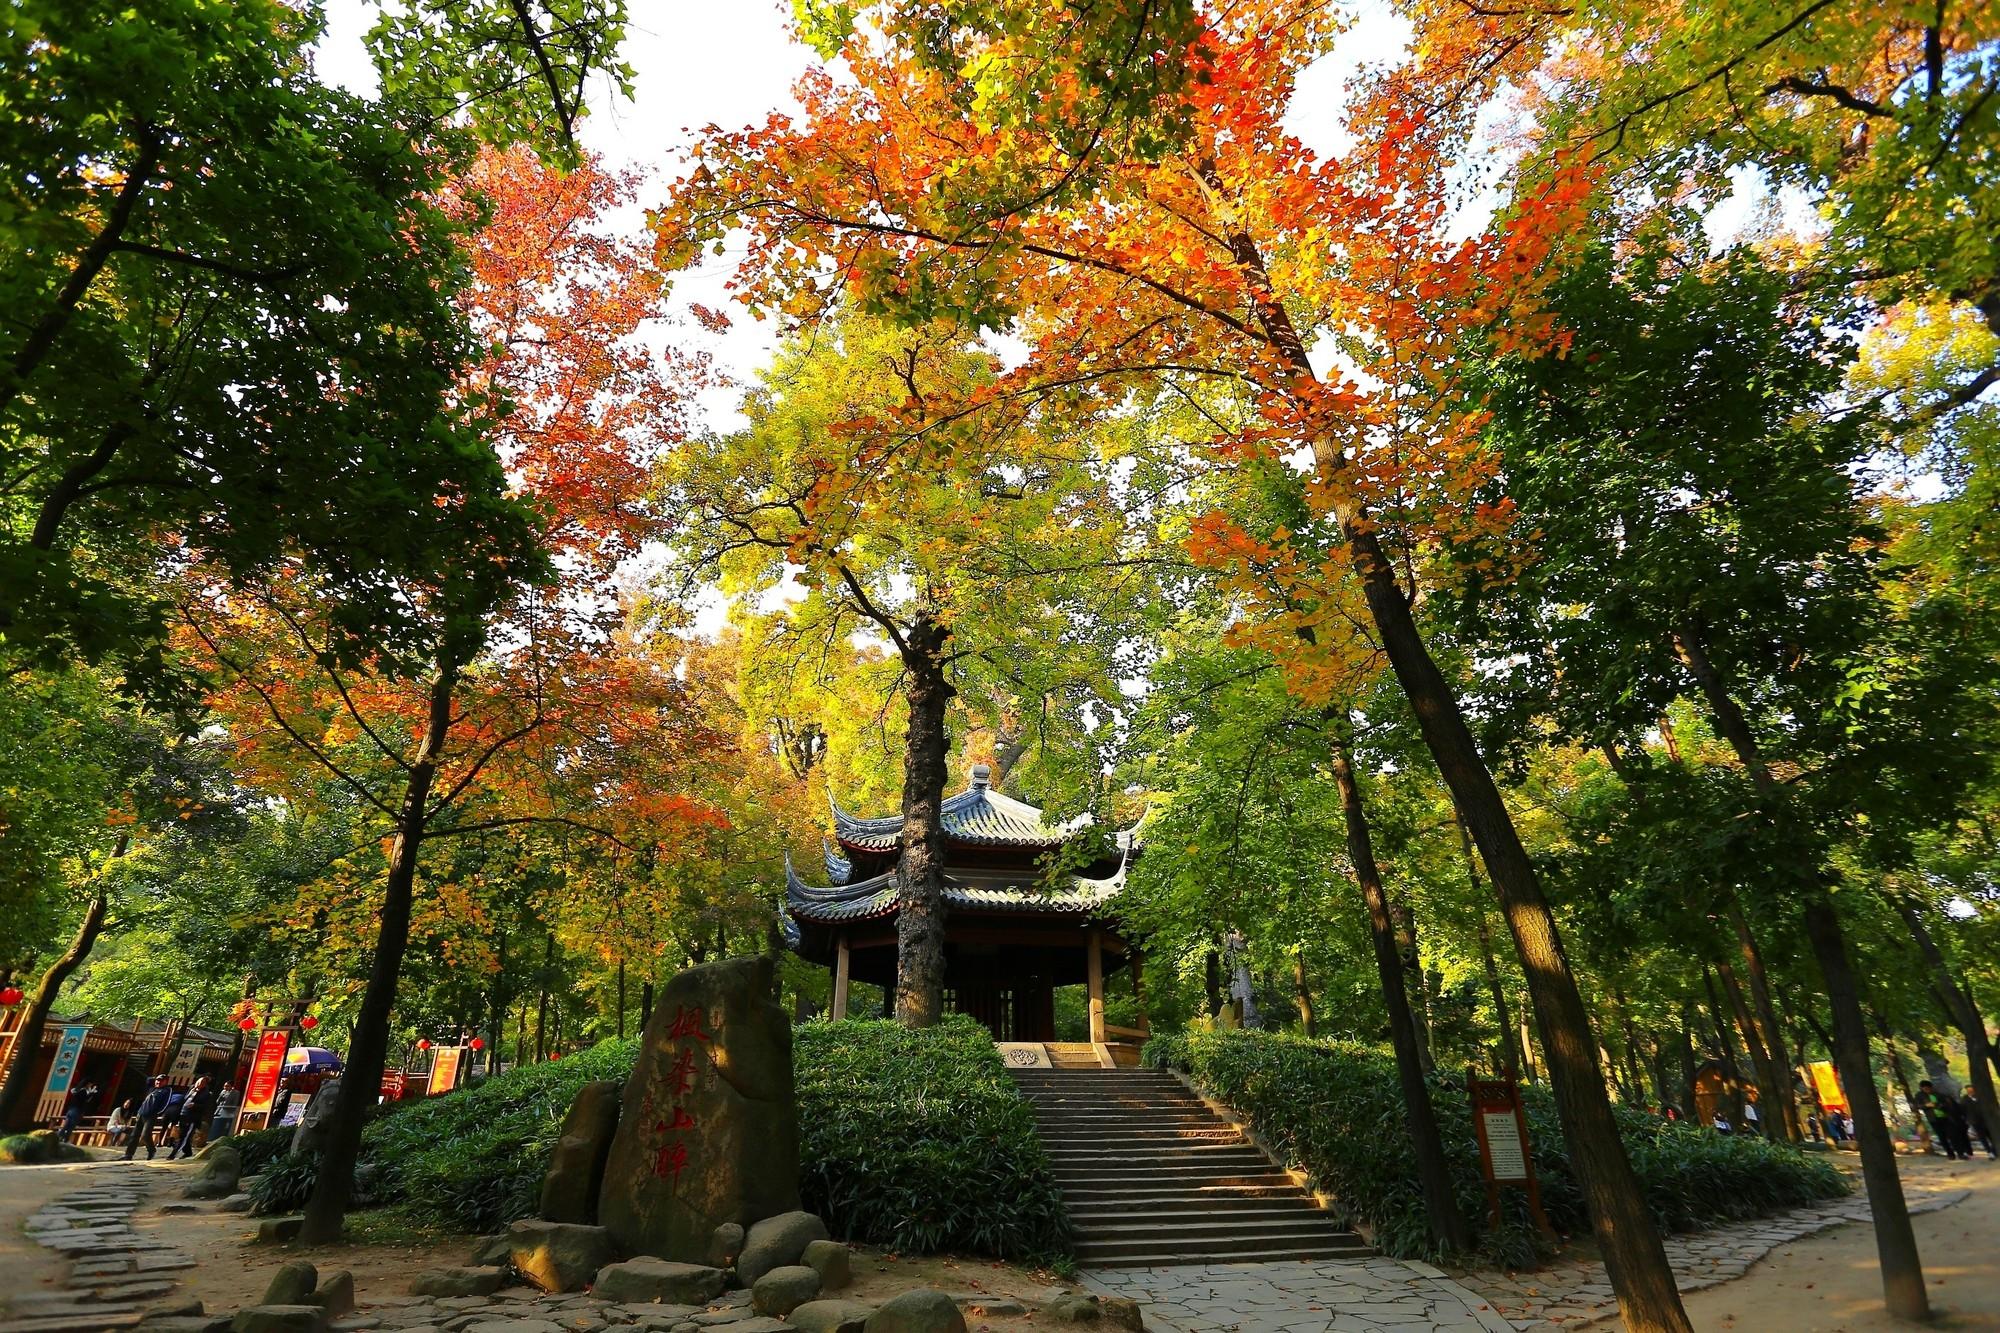 Autumn in Suzhou